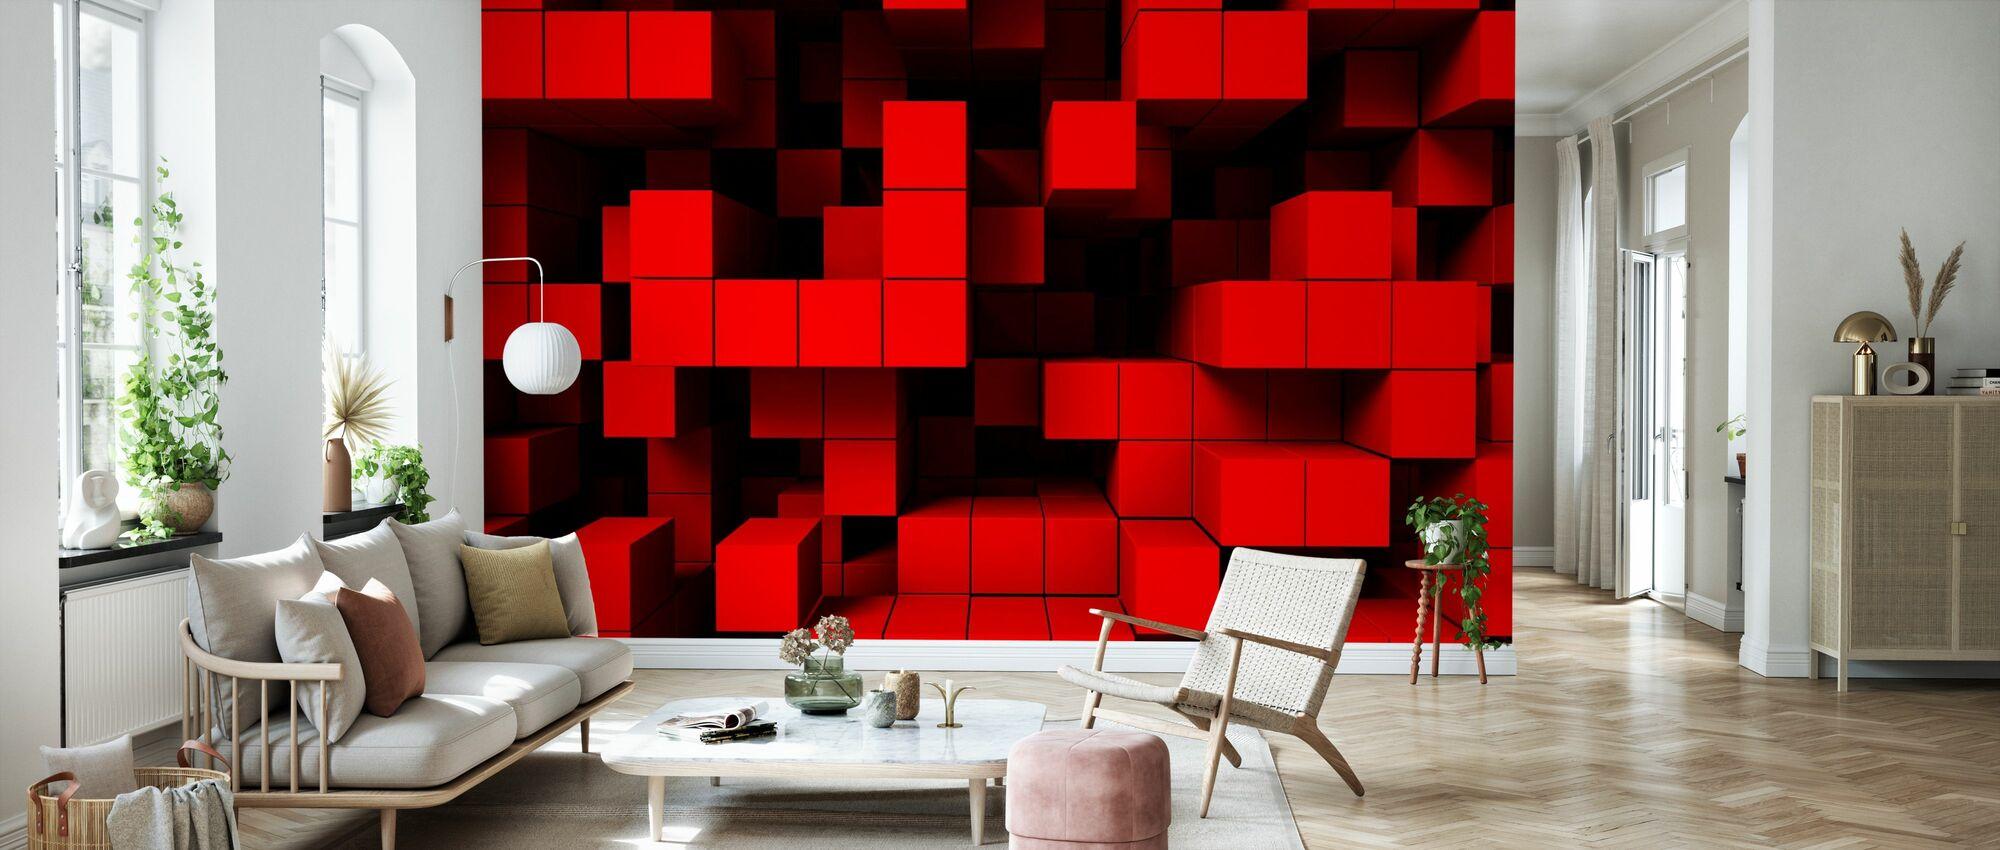 Tiefer Tetris - Tapete - Wohnzimmer